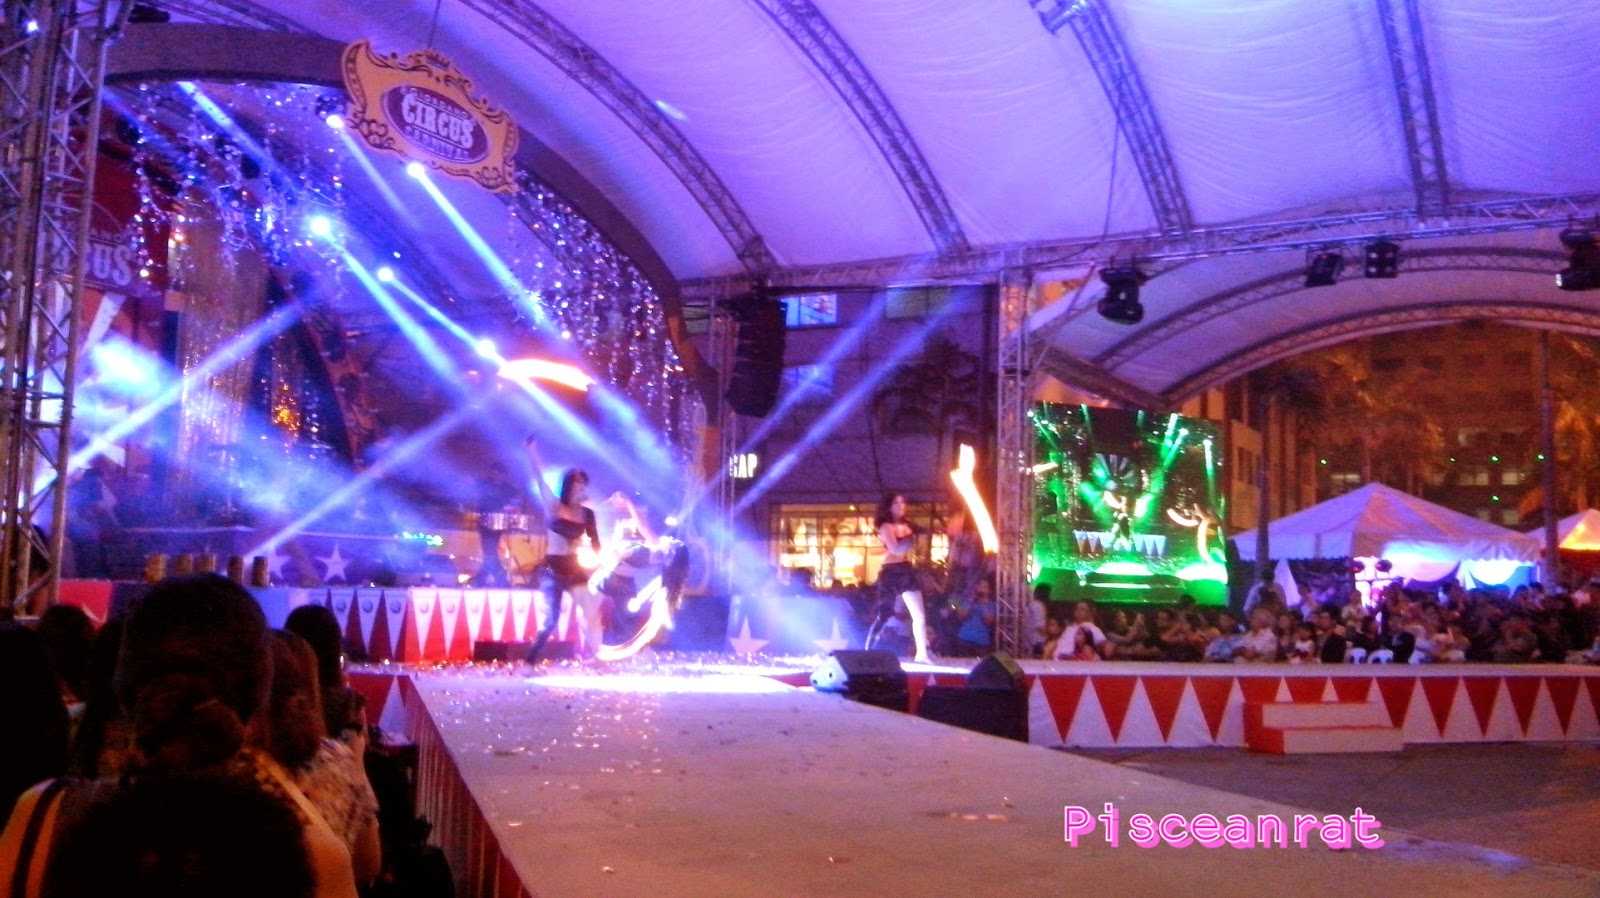 giordano circus carnivale